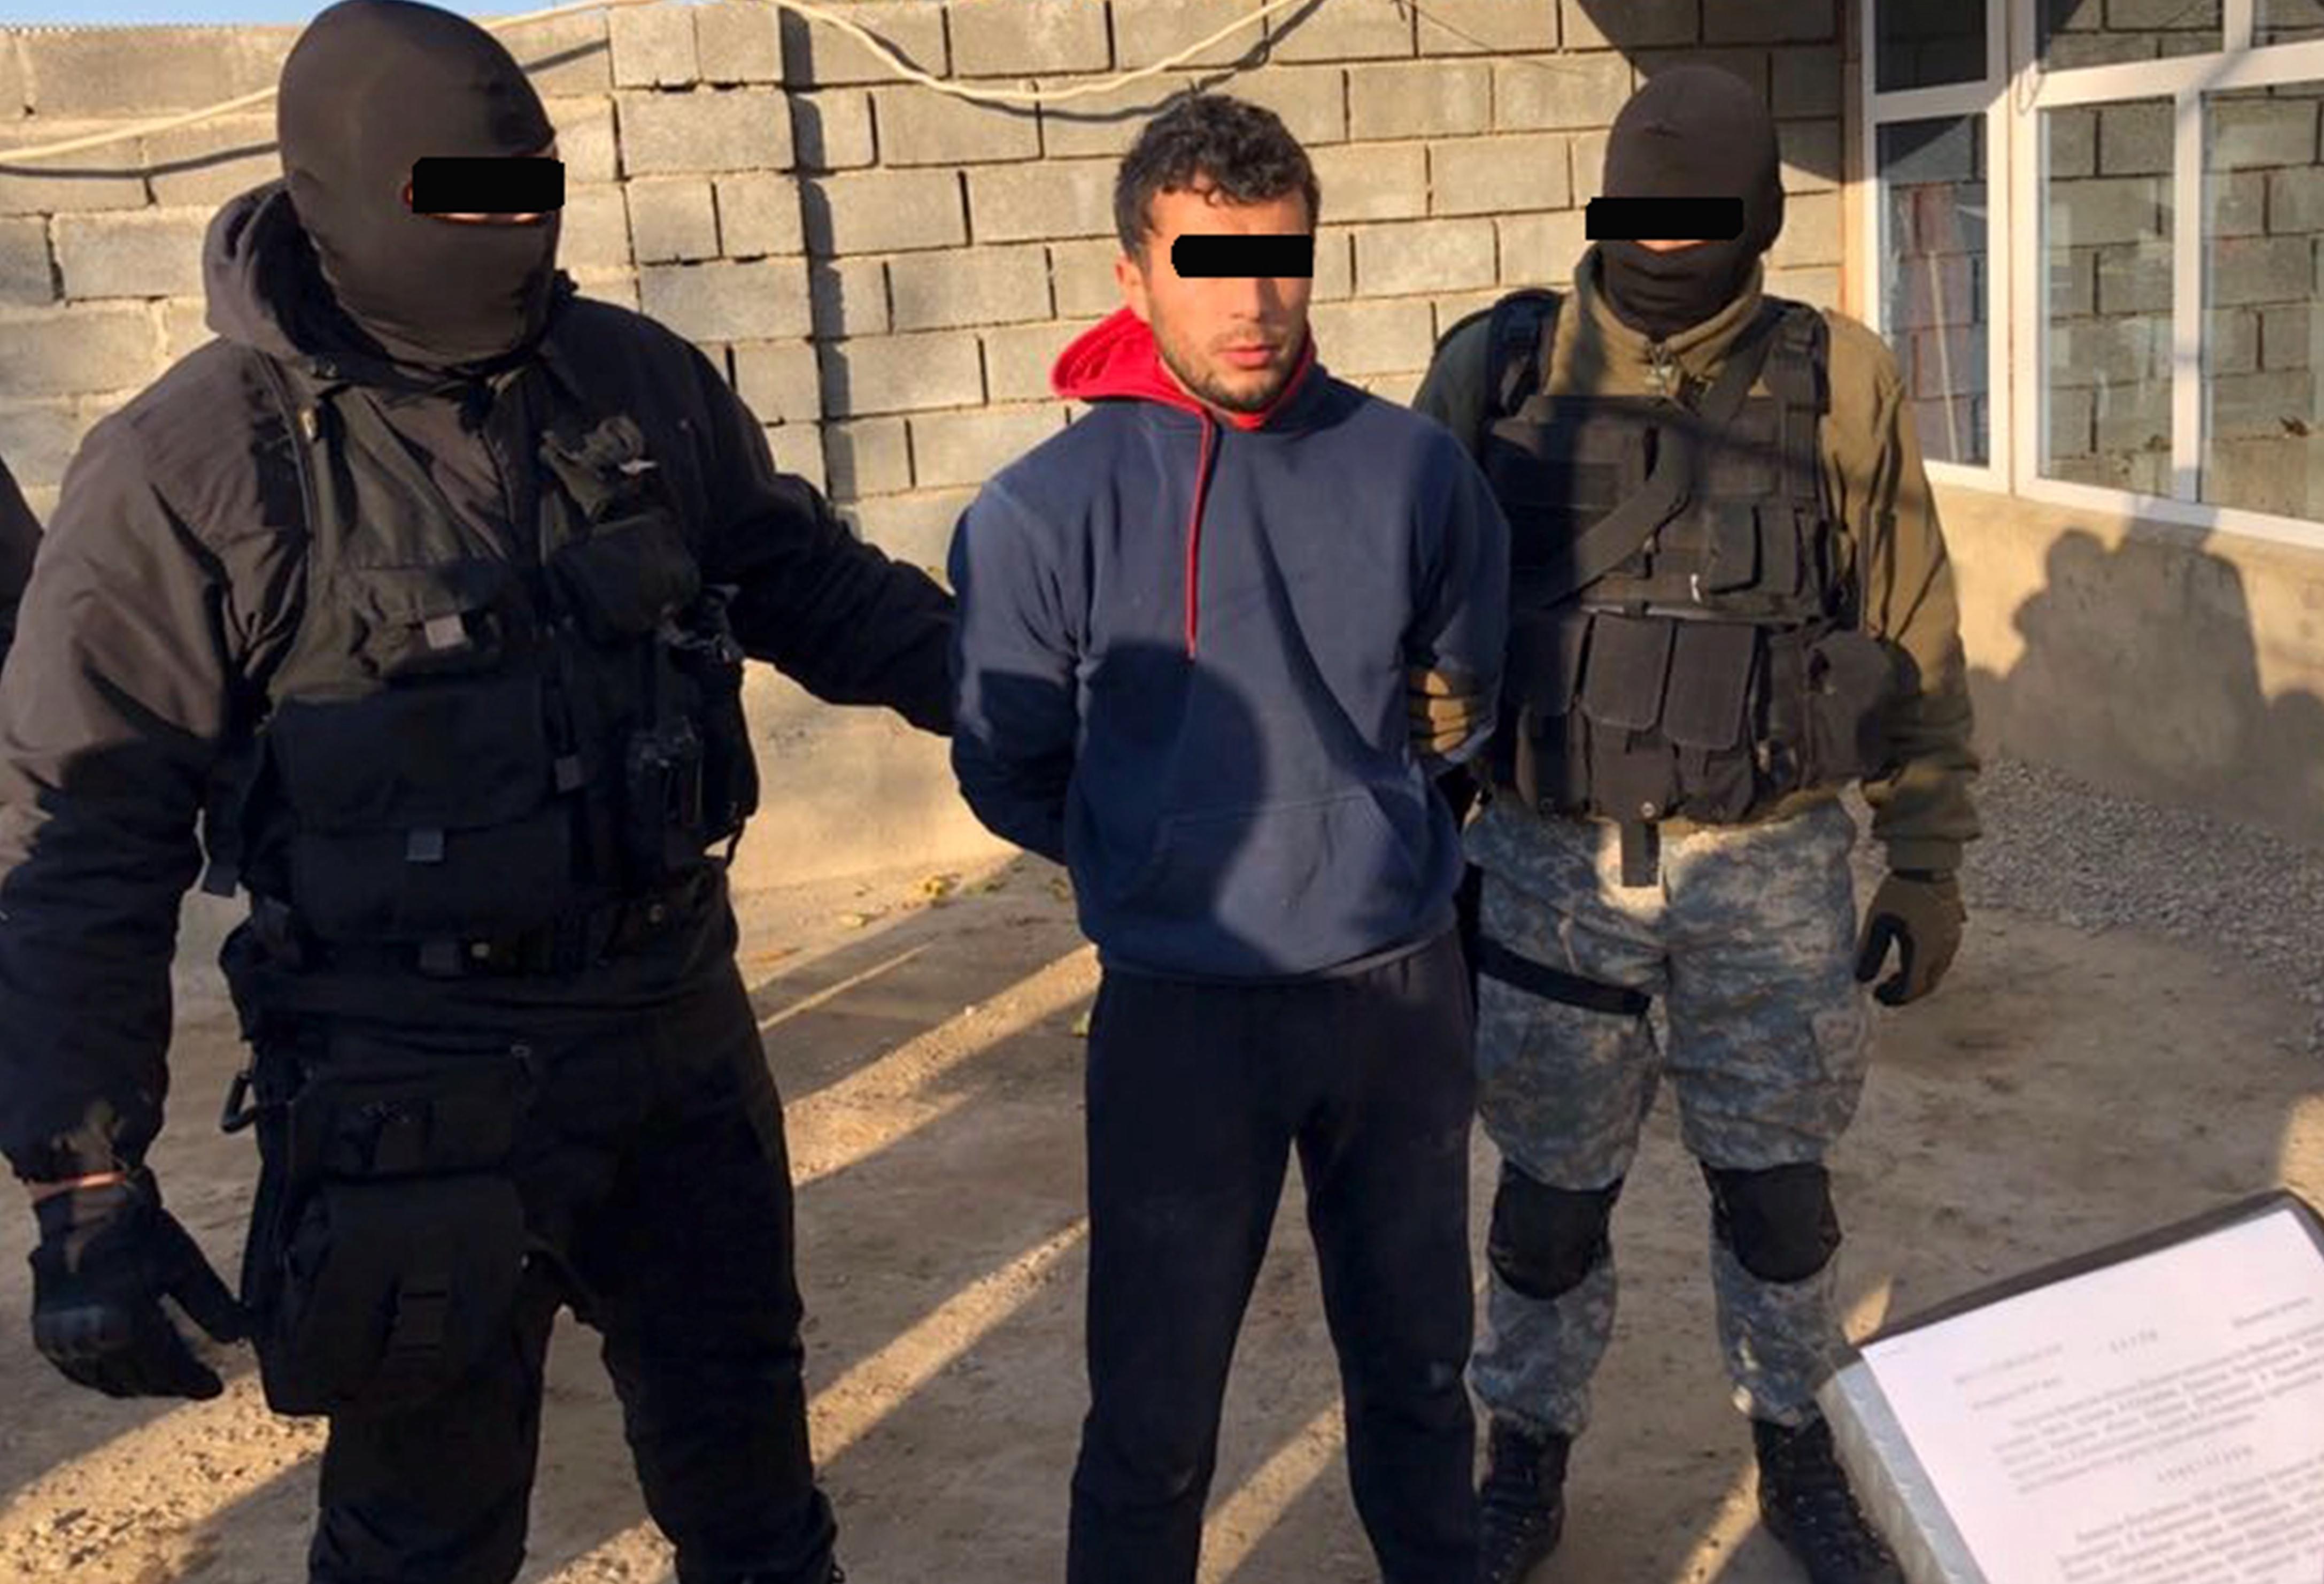 Один из задержанных спецназом КНБ экстремистов, Южно-Казахстанская область, 16 ноября. [Фото пресс-службы Комитета национальной безопасности Казахстана]